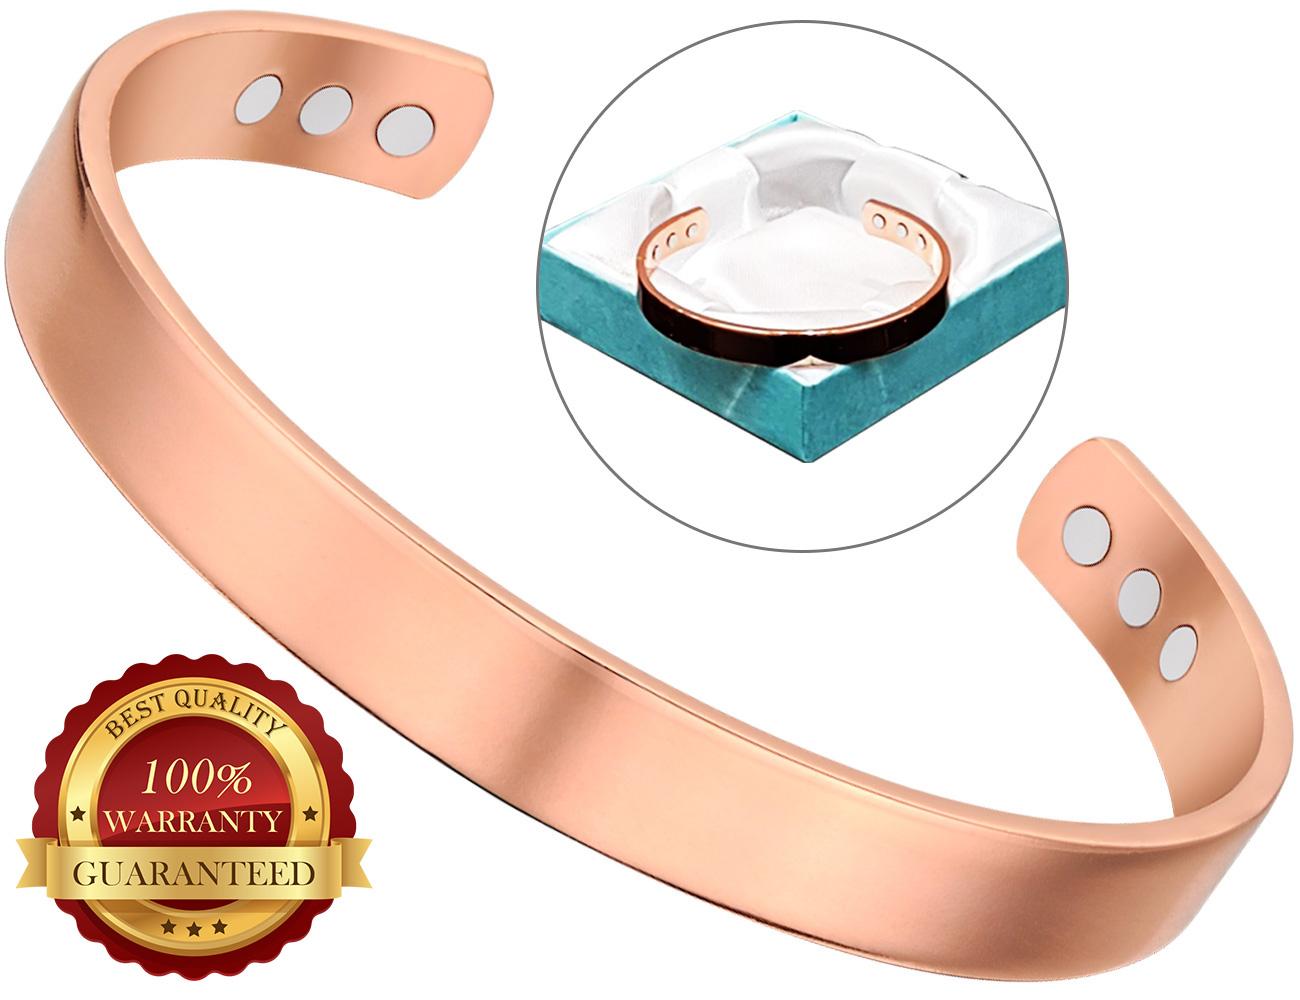 Armband Frauen Kupfer Heilung Bio magnetische Schmerztherapie Armreif